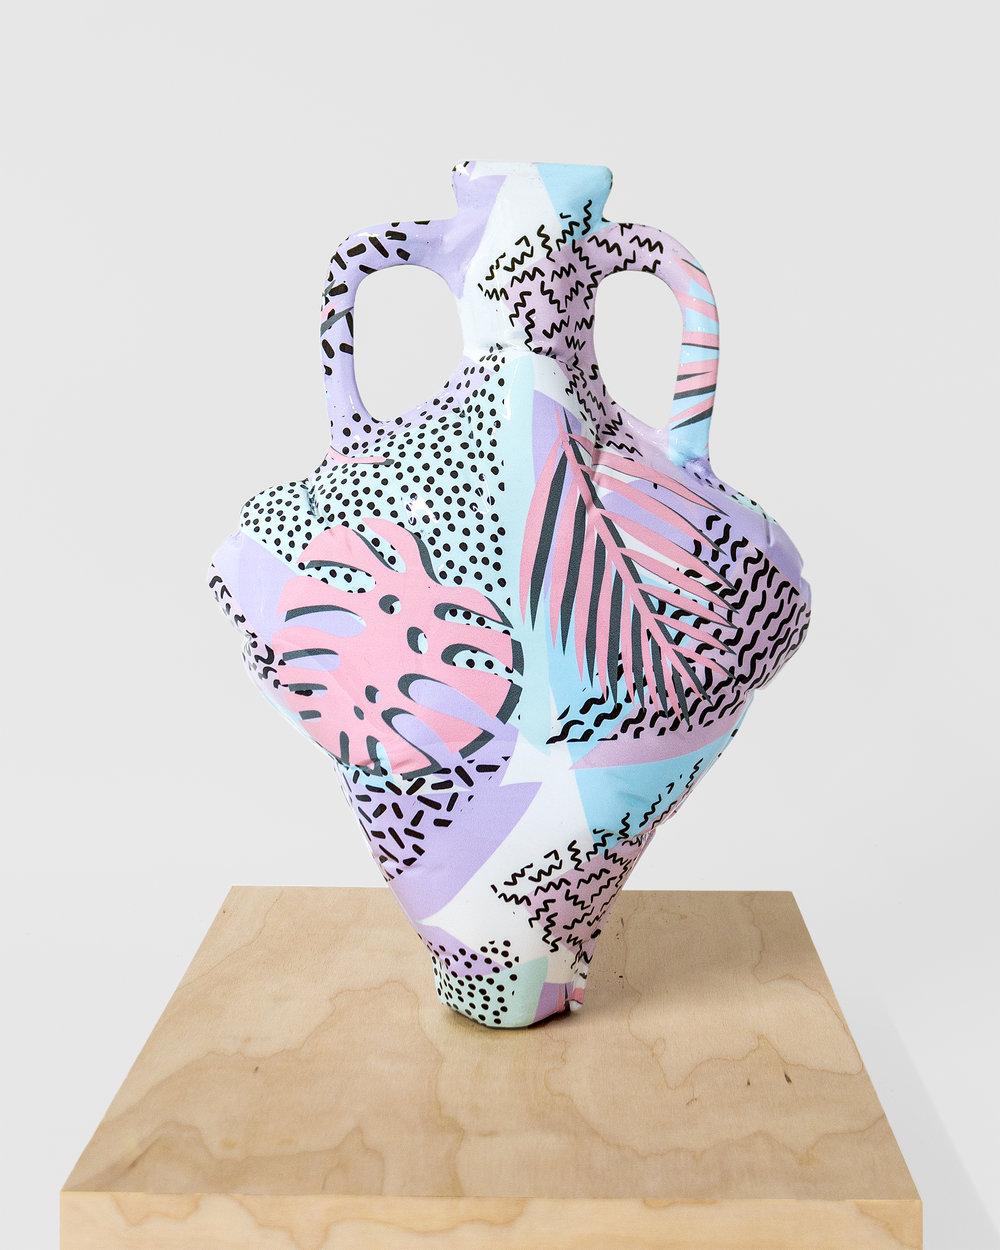 AdamParkerSmith_Sculpture_1_Side_5.jpg